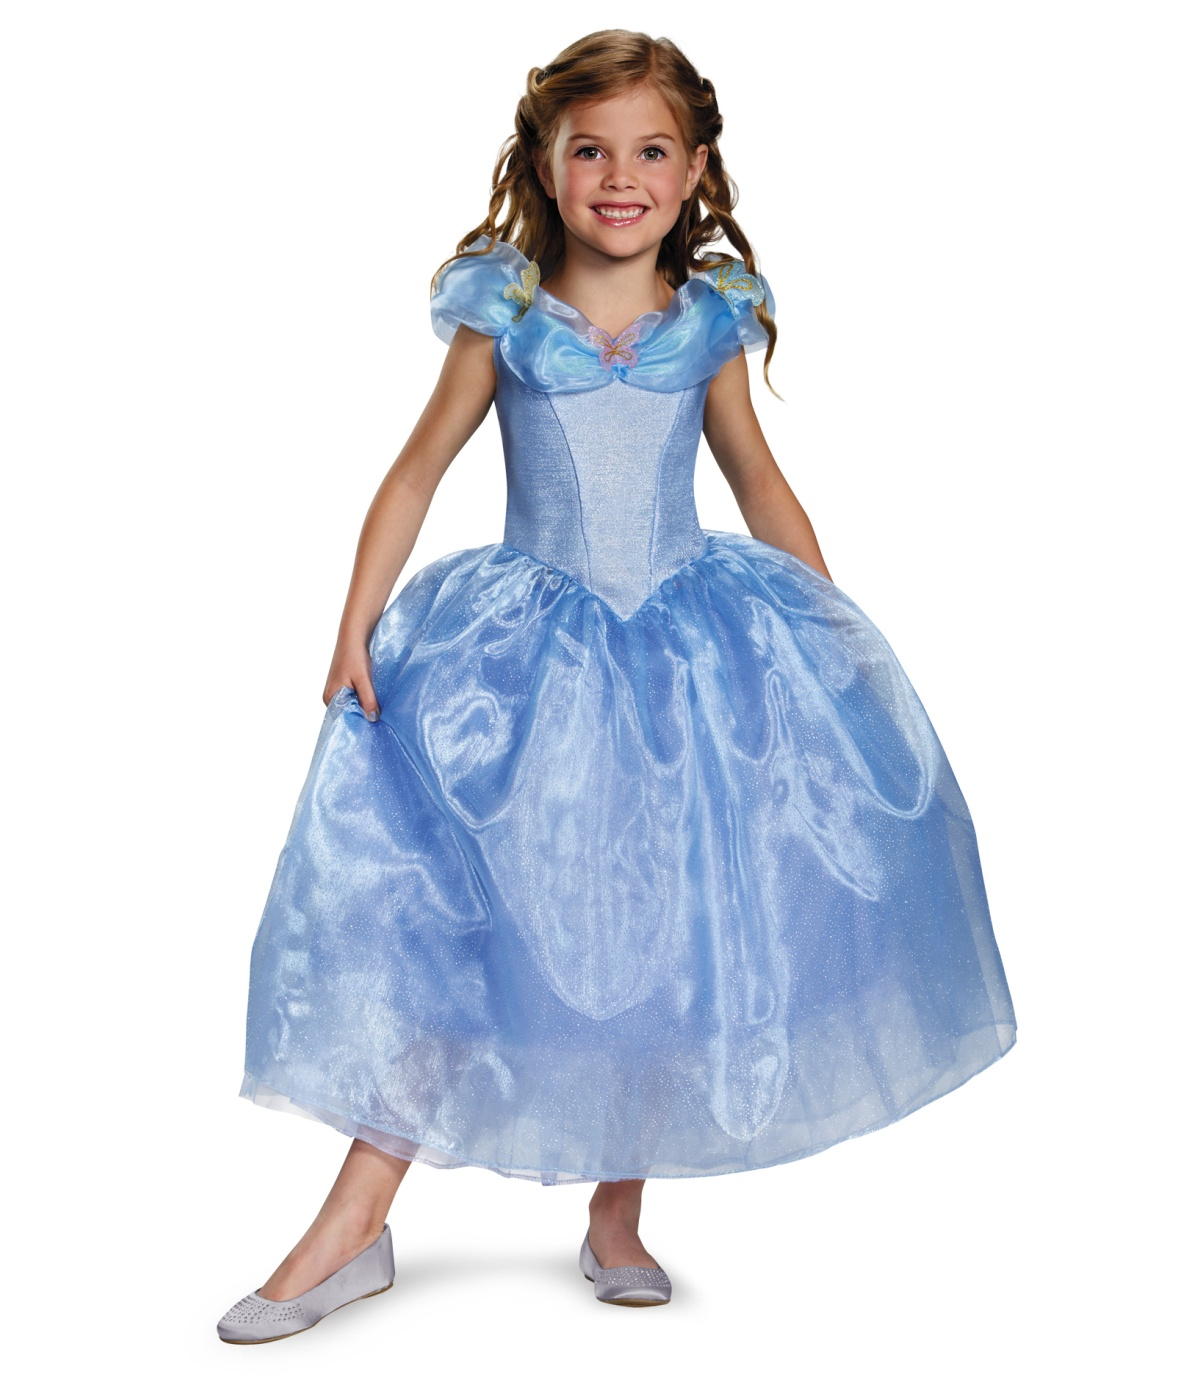 Girls Cinderella Costume Movie